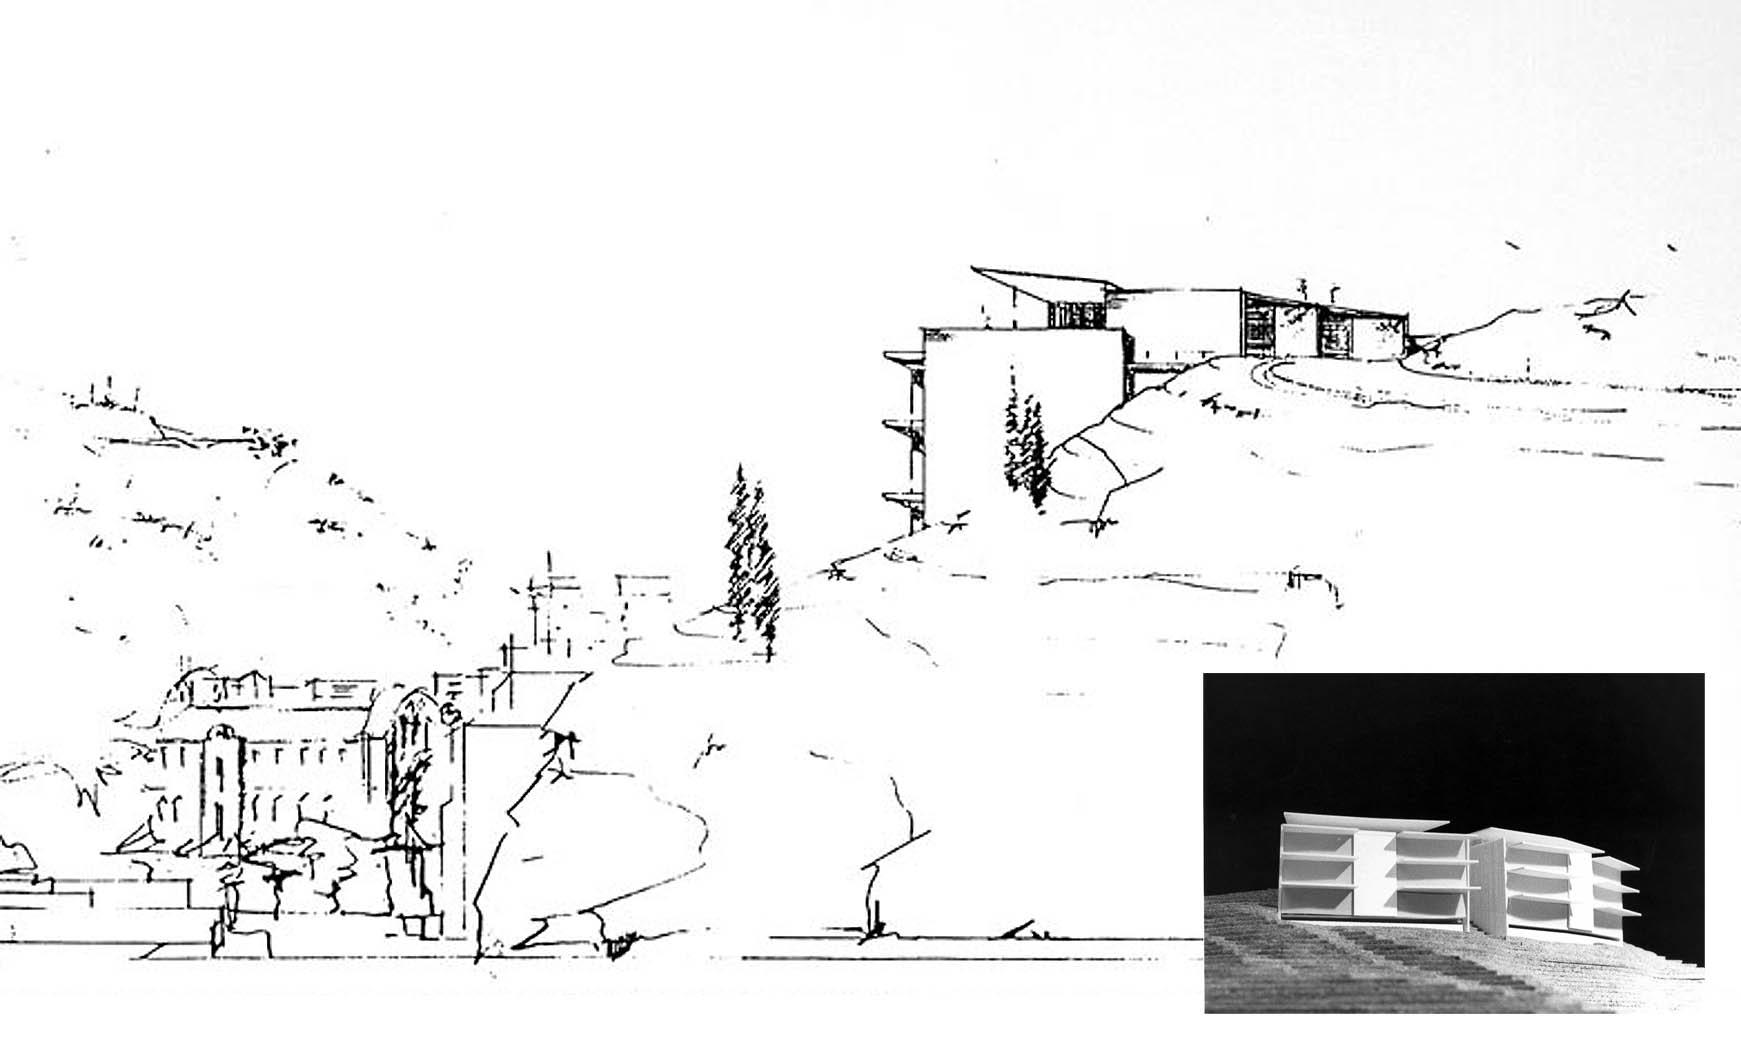 4 viviendas unifamiliares en calle Veciana, Barcelona. Proyecto básico, 1989. En colab. con EGC/ABS